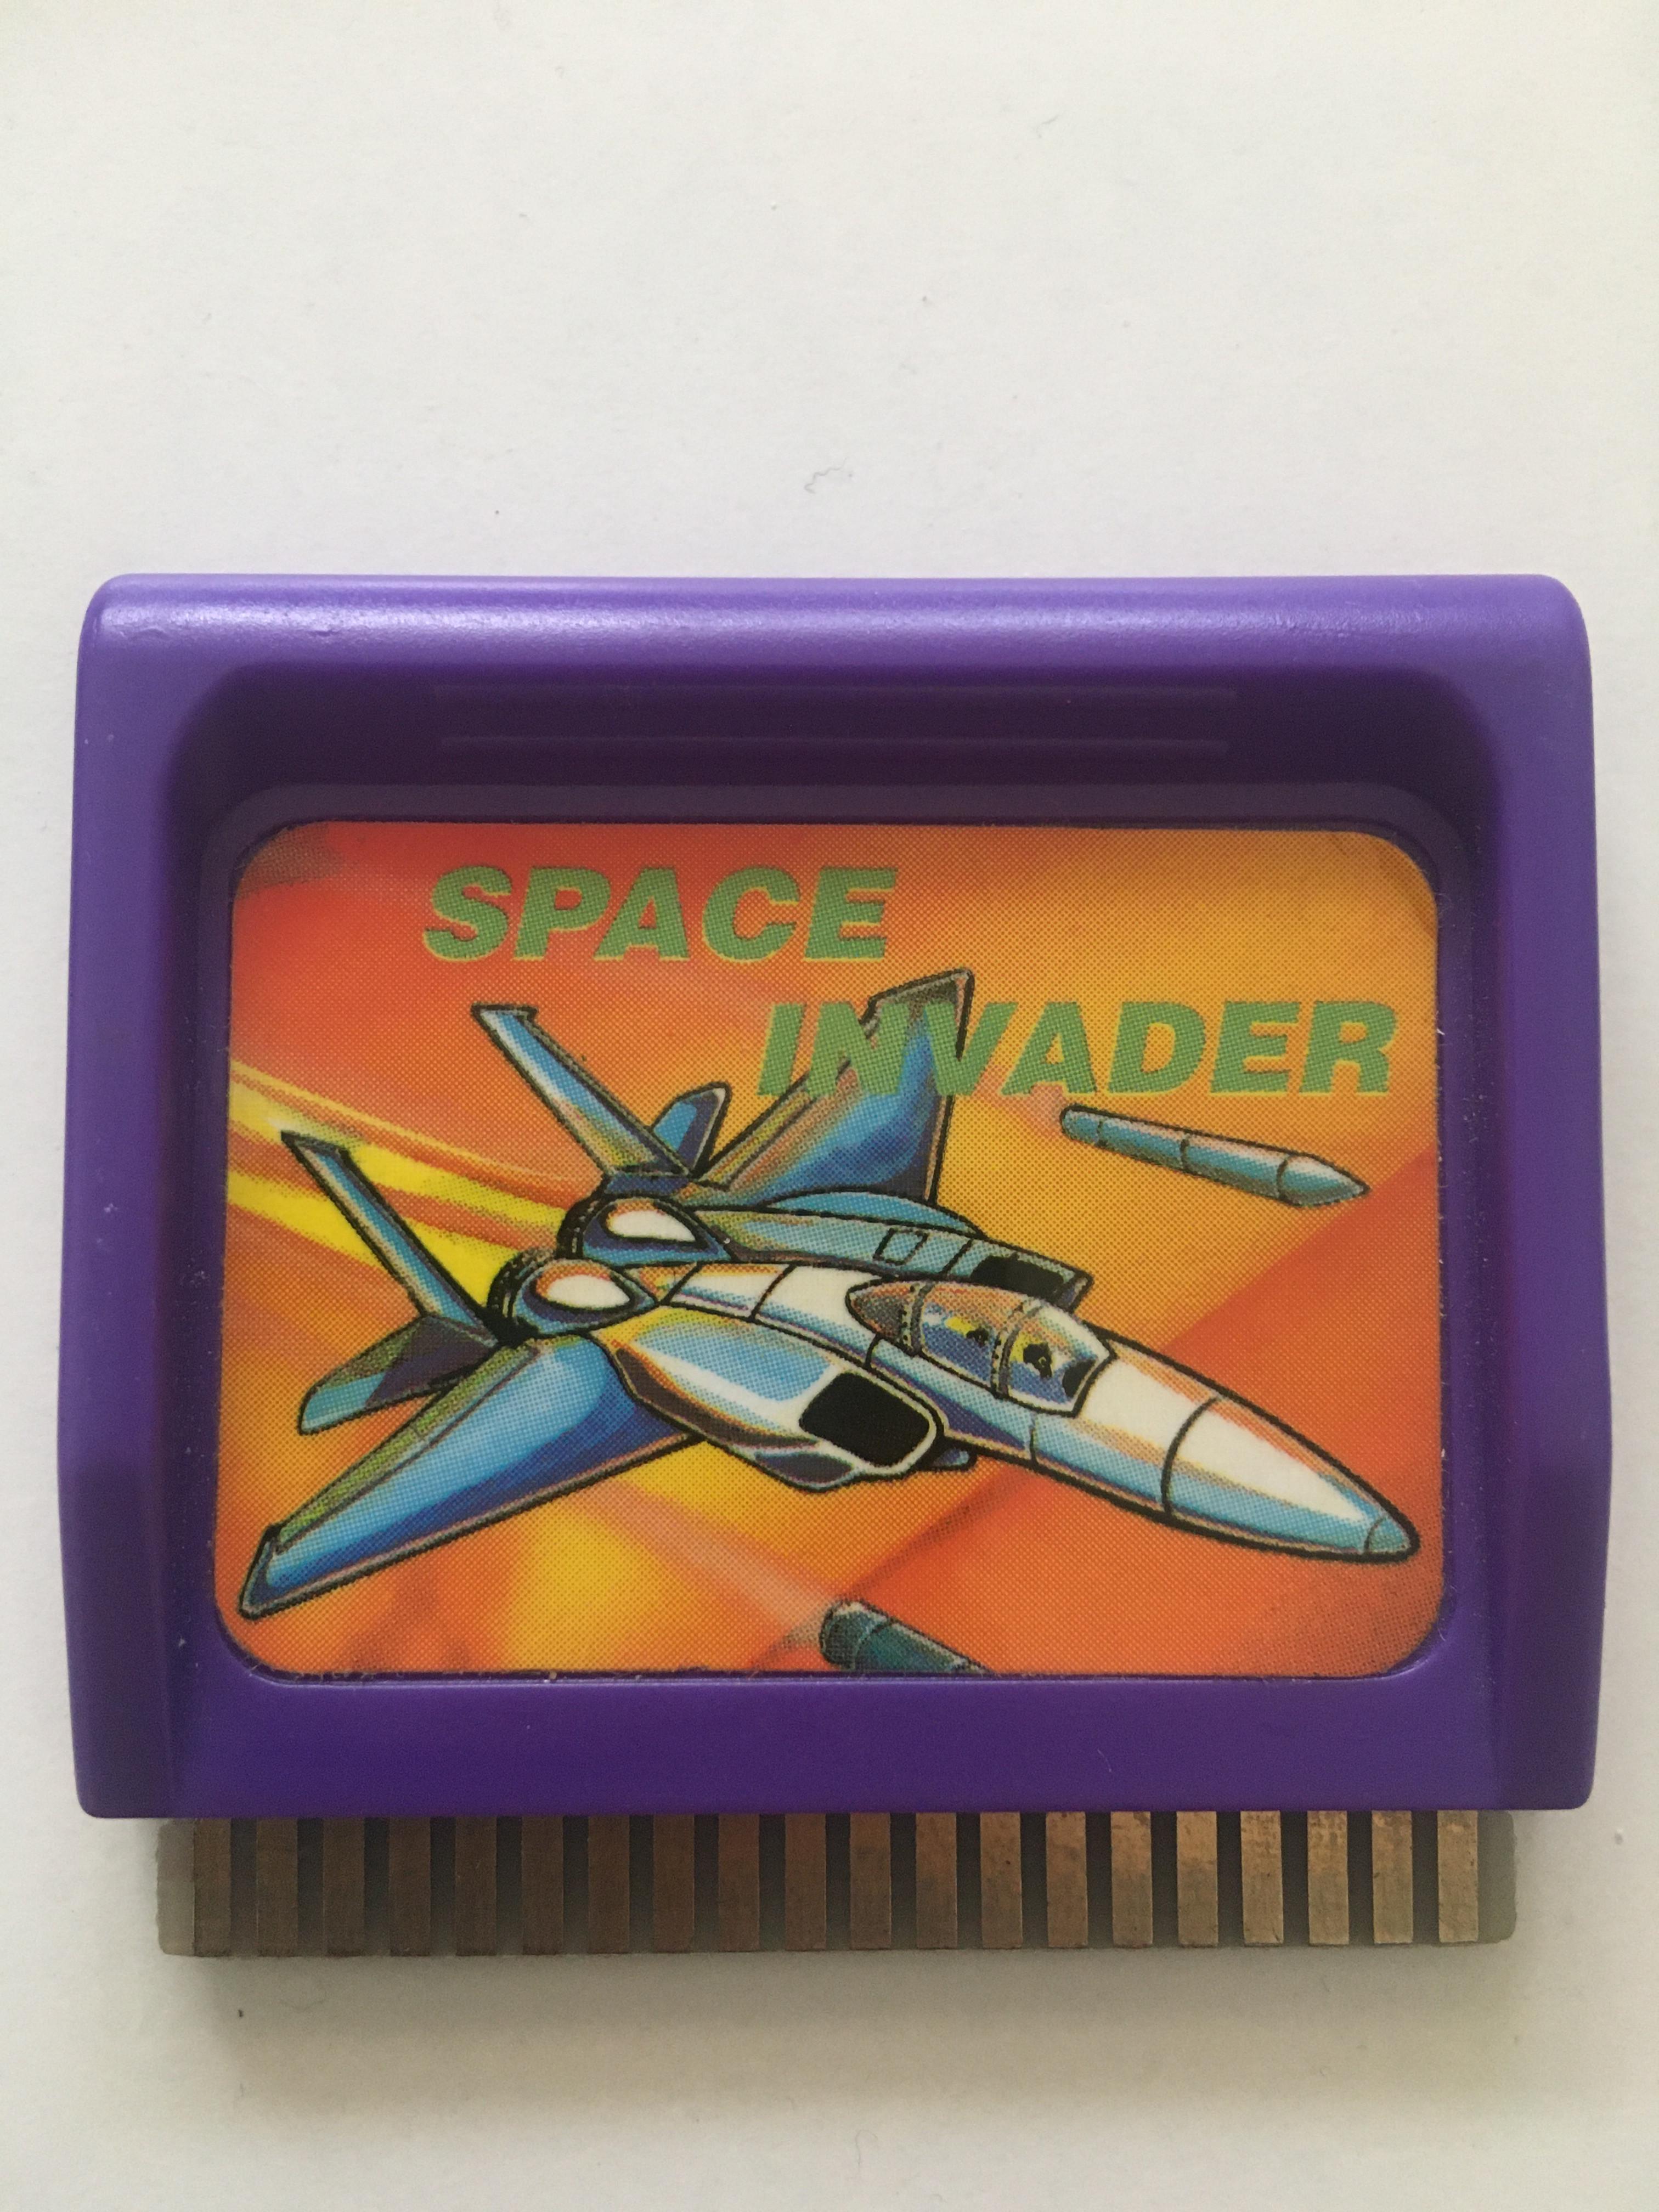 [RECH] Dernier jeu Game Master non dumpé : S-Race 6751-EBDF-C3-D5-4-A4-E-AD02-A0460-B82-FB3-A